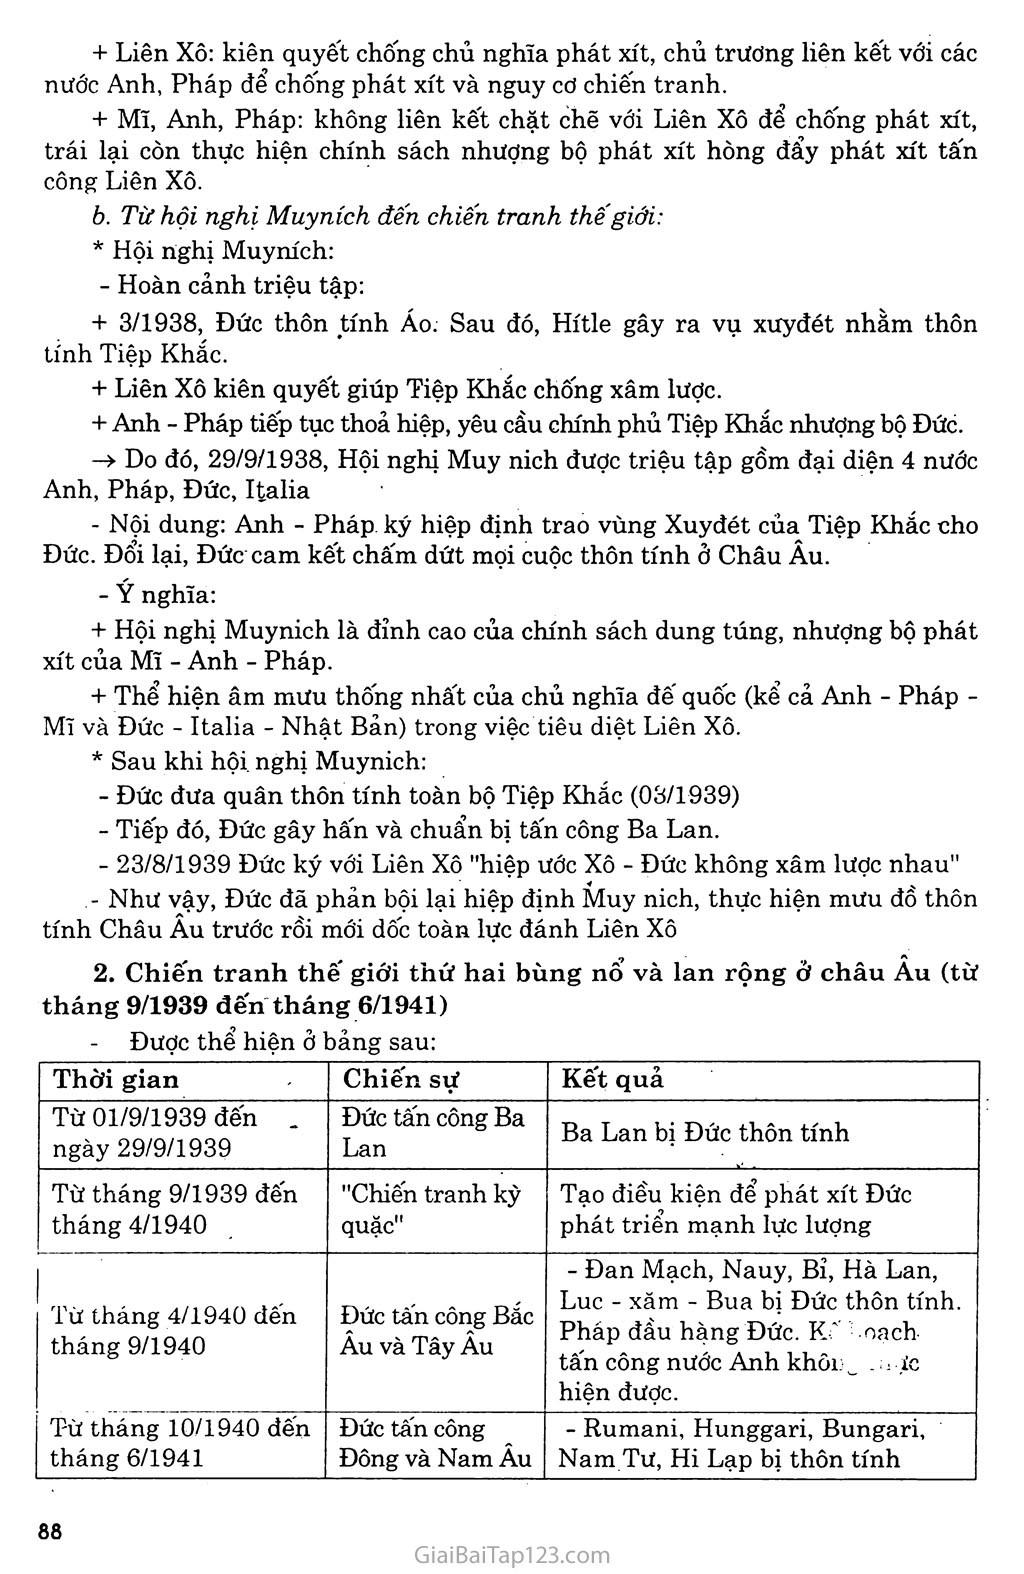 Bài 17: Chiến tranh thế giới thứ hai (1939 - 1945) trang 2